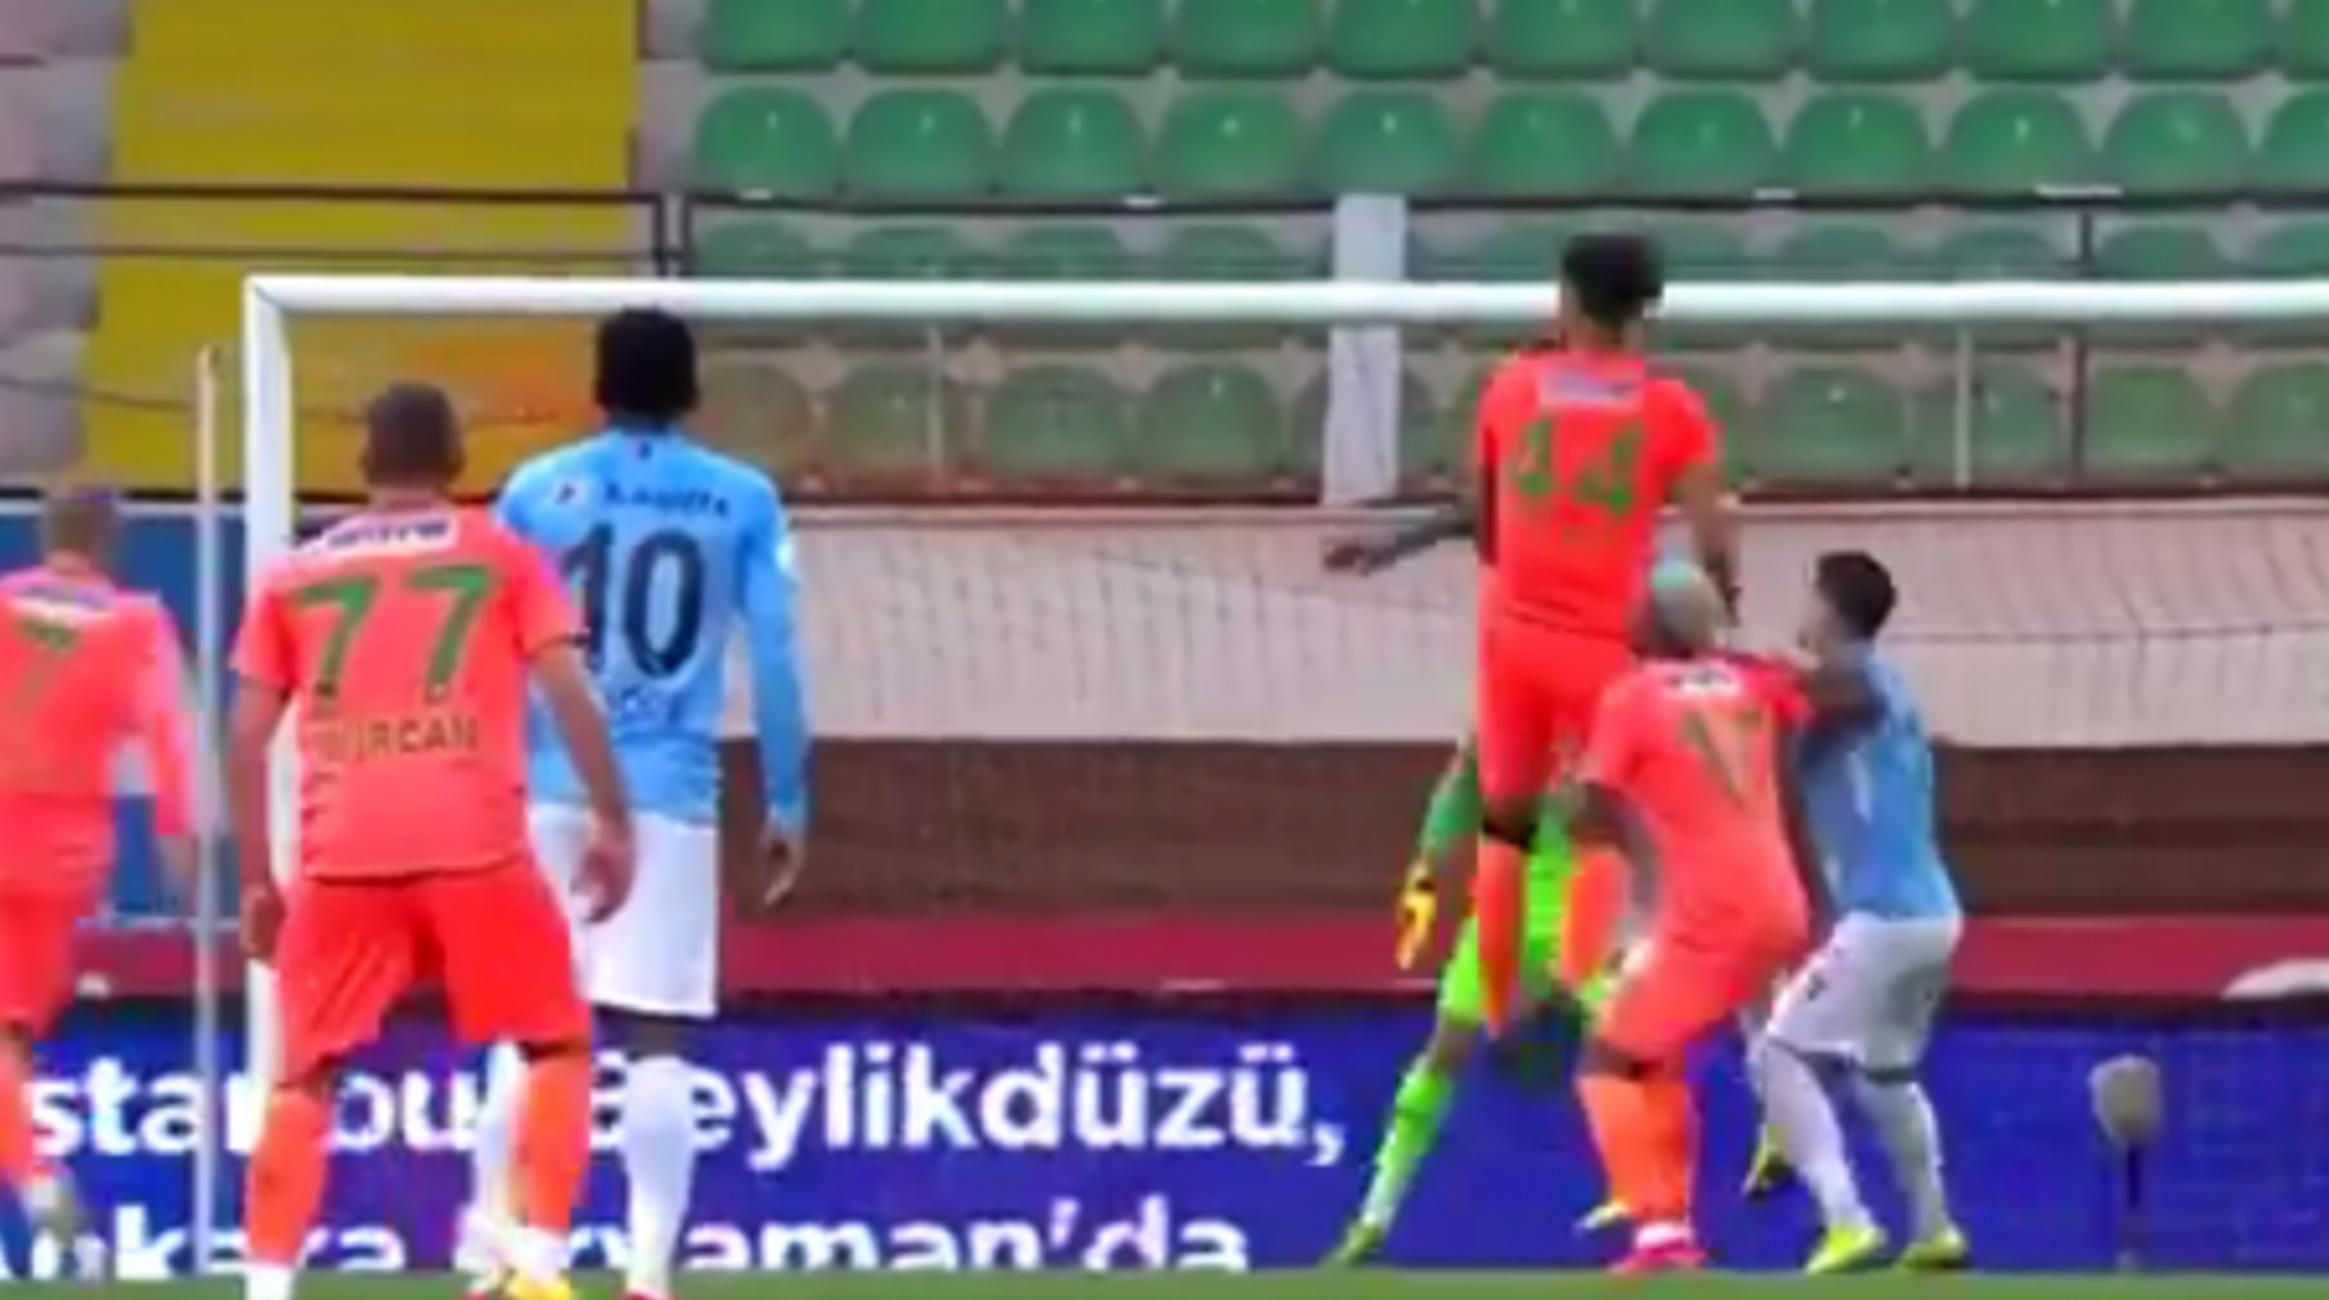 Αγωνίστηκαν στην Τουρκία οι Έλληνες της Αλάνιασπορ! Συνεχίζεται το πρωτάθλημα παρά τον κορονοϊό (video)